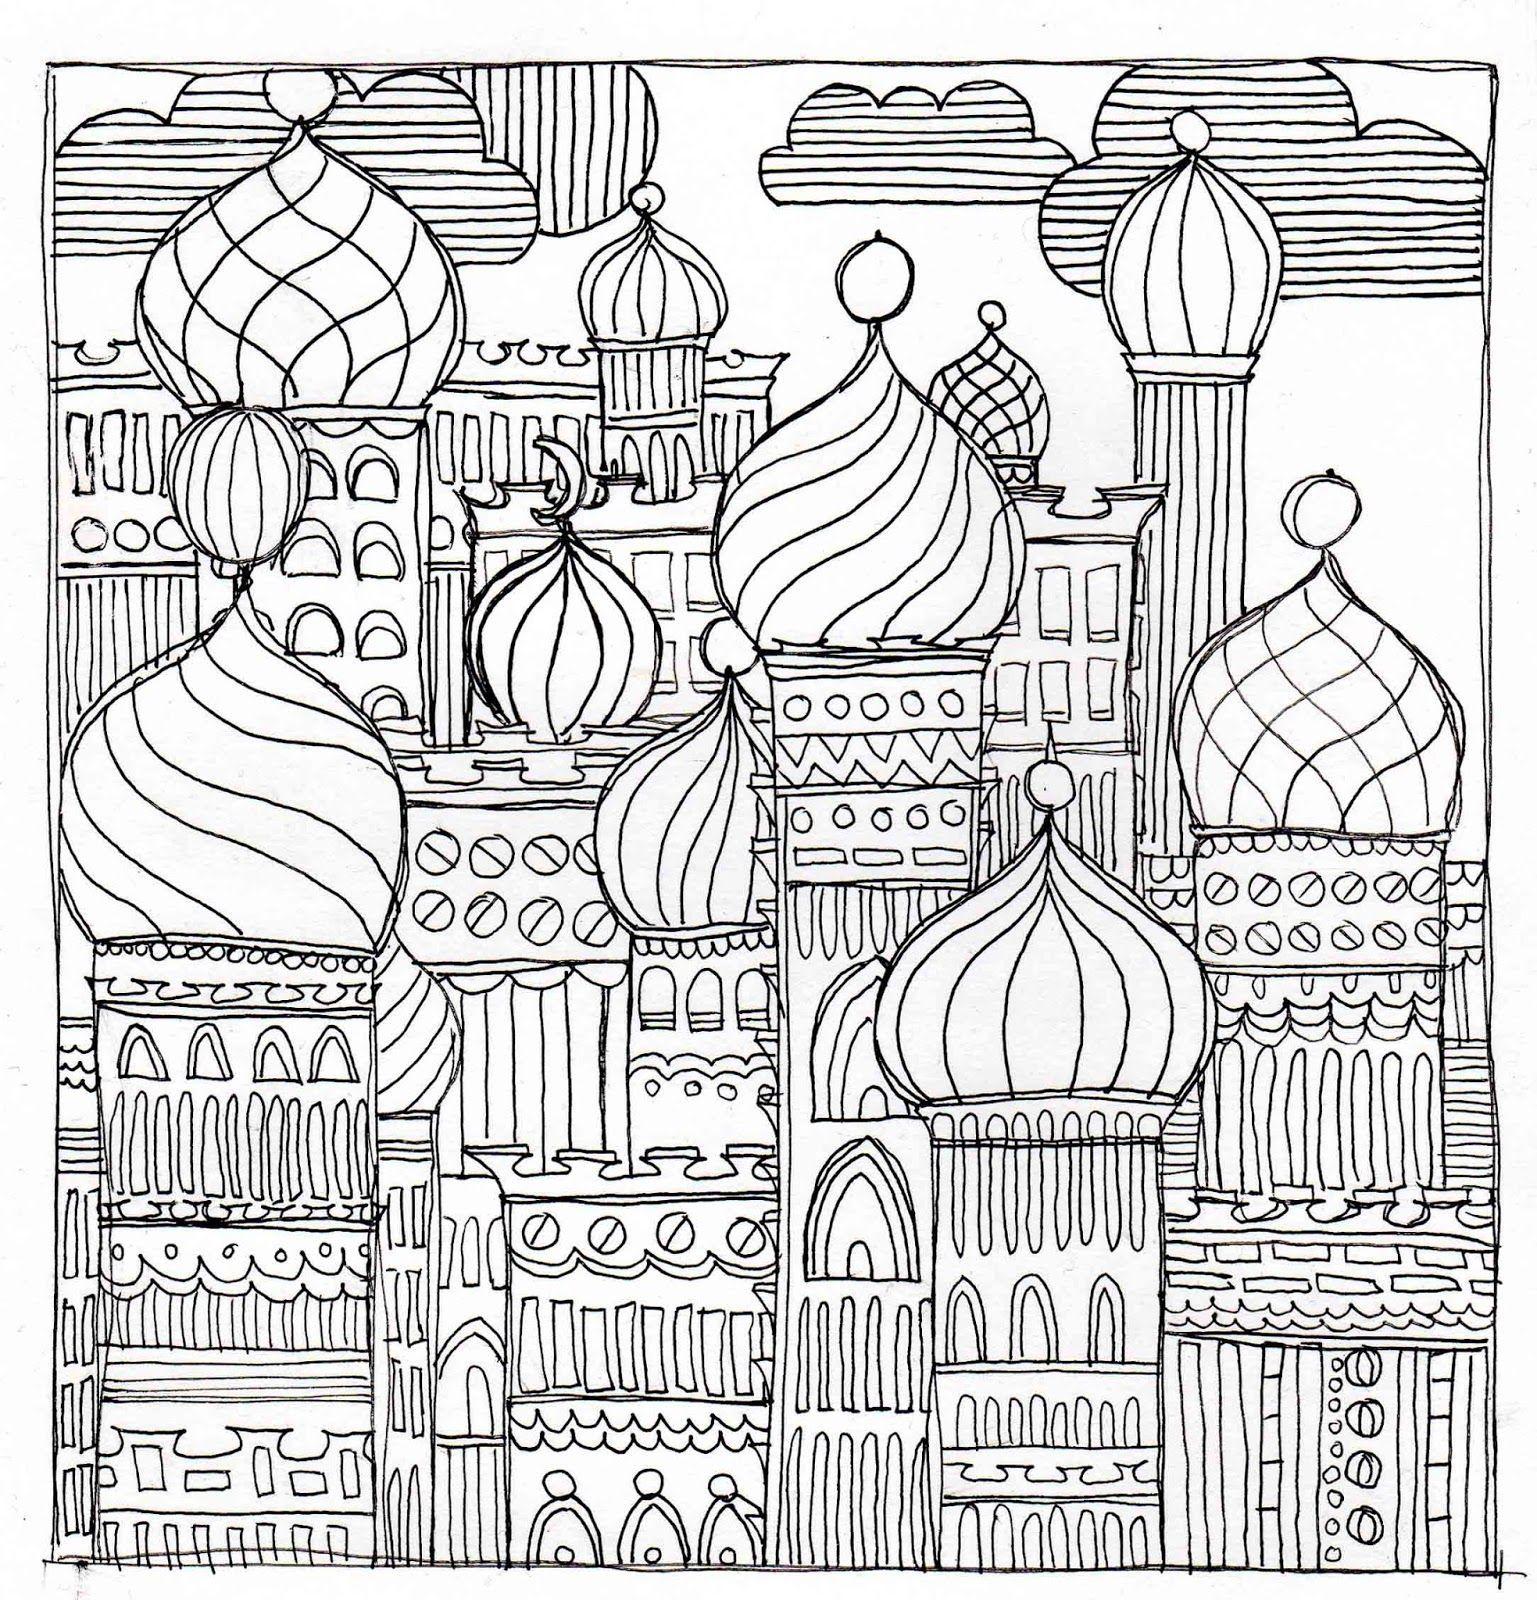 Alessas Blog: Malbild: Onion Turret World - https://me.pin-autos